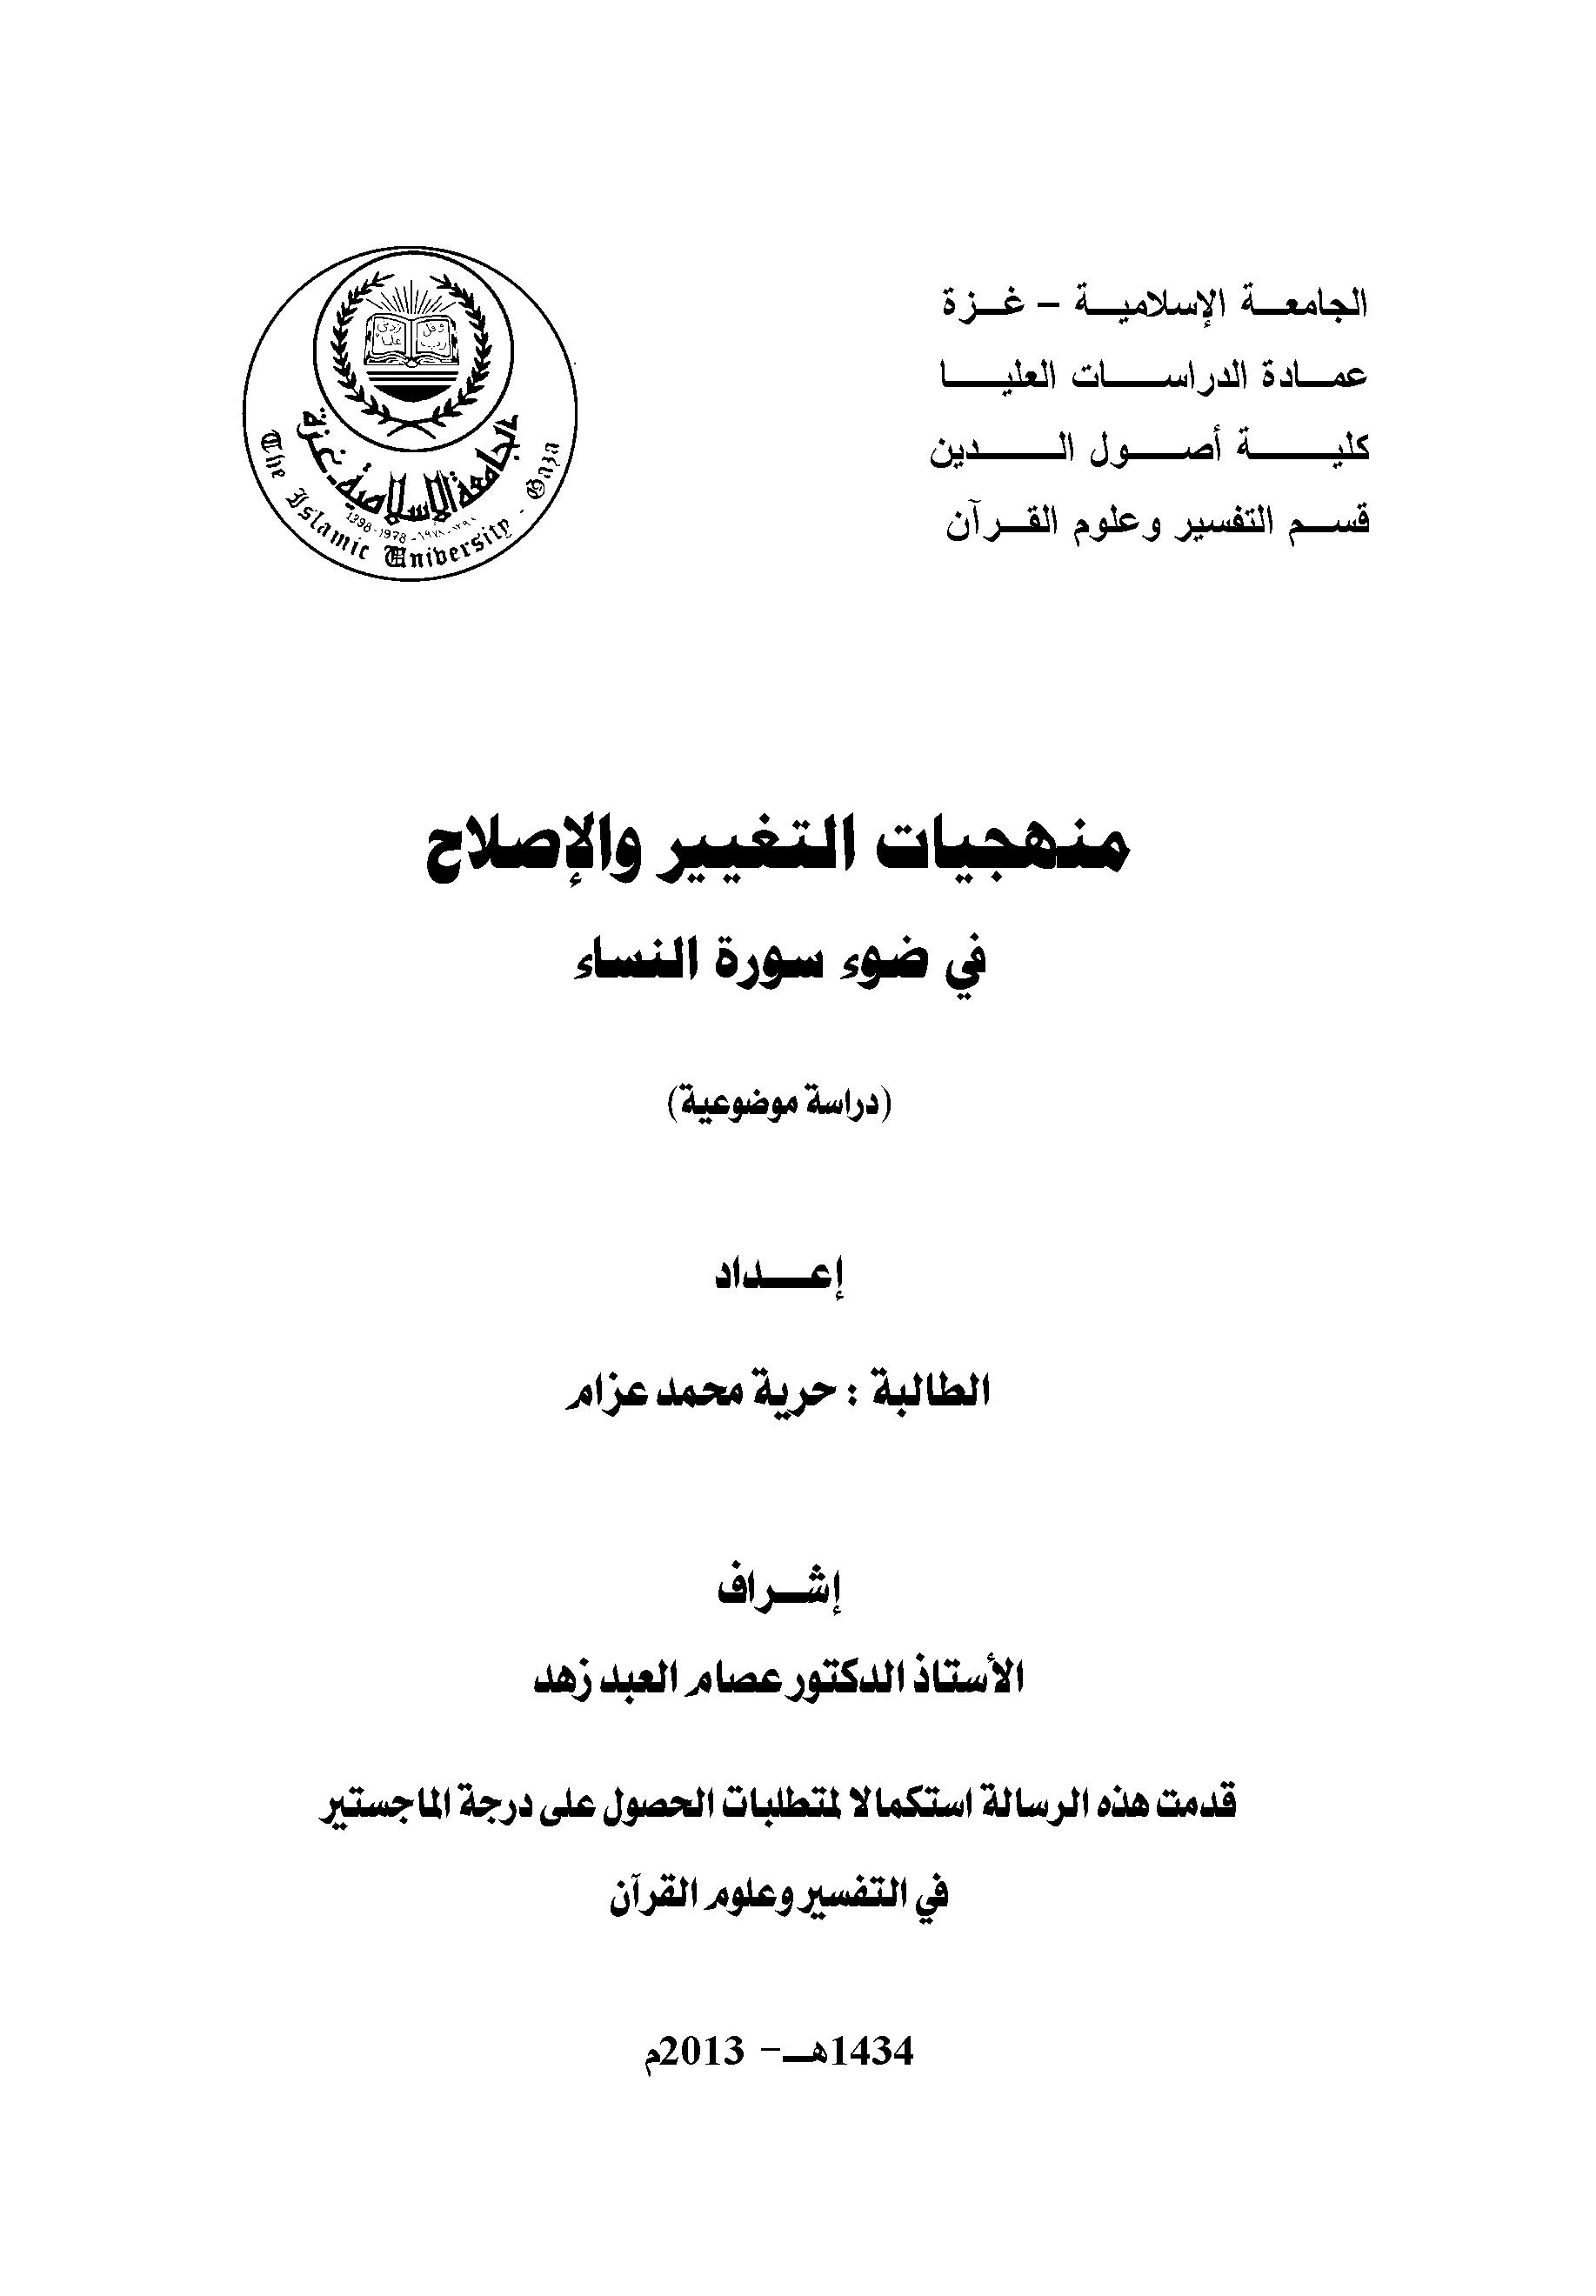 تحميل كتاب منهجيات التغيير والإصلاح في ضوء سورة النساء (دراسة موضوعية) لـِ: حرية محمد عزام